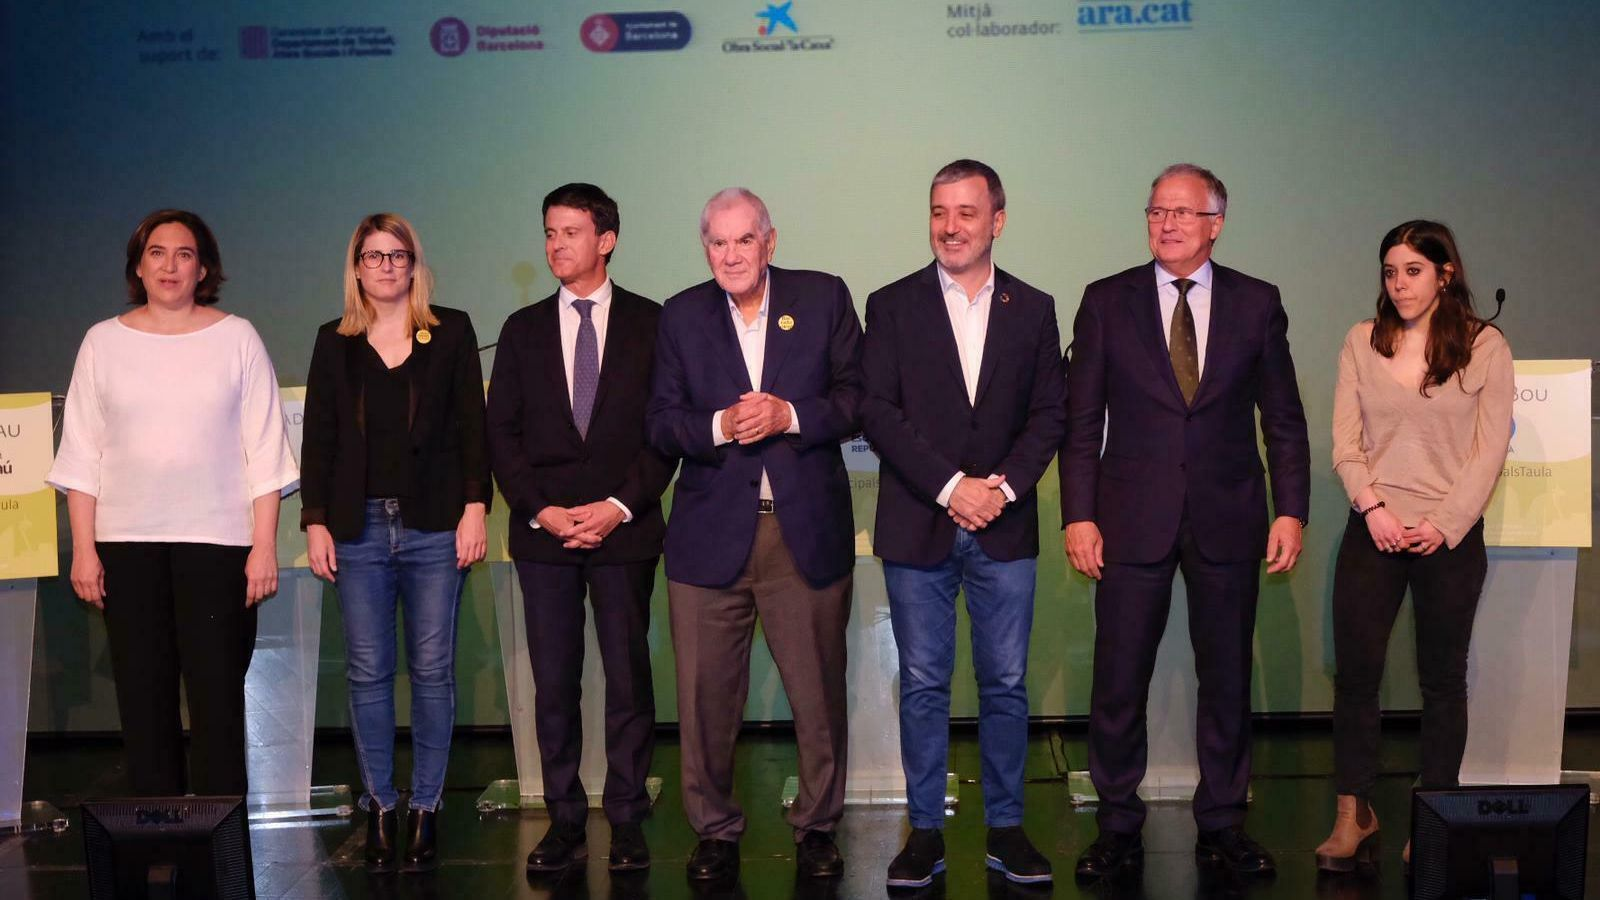 El debat dels alcaldables de Barcelona, en directe